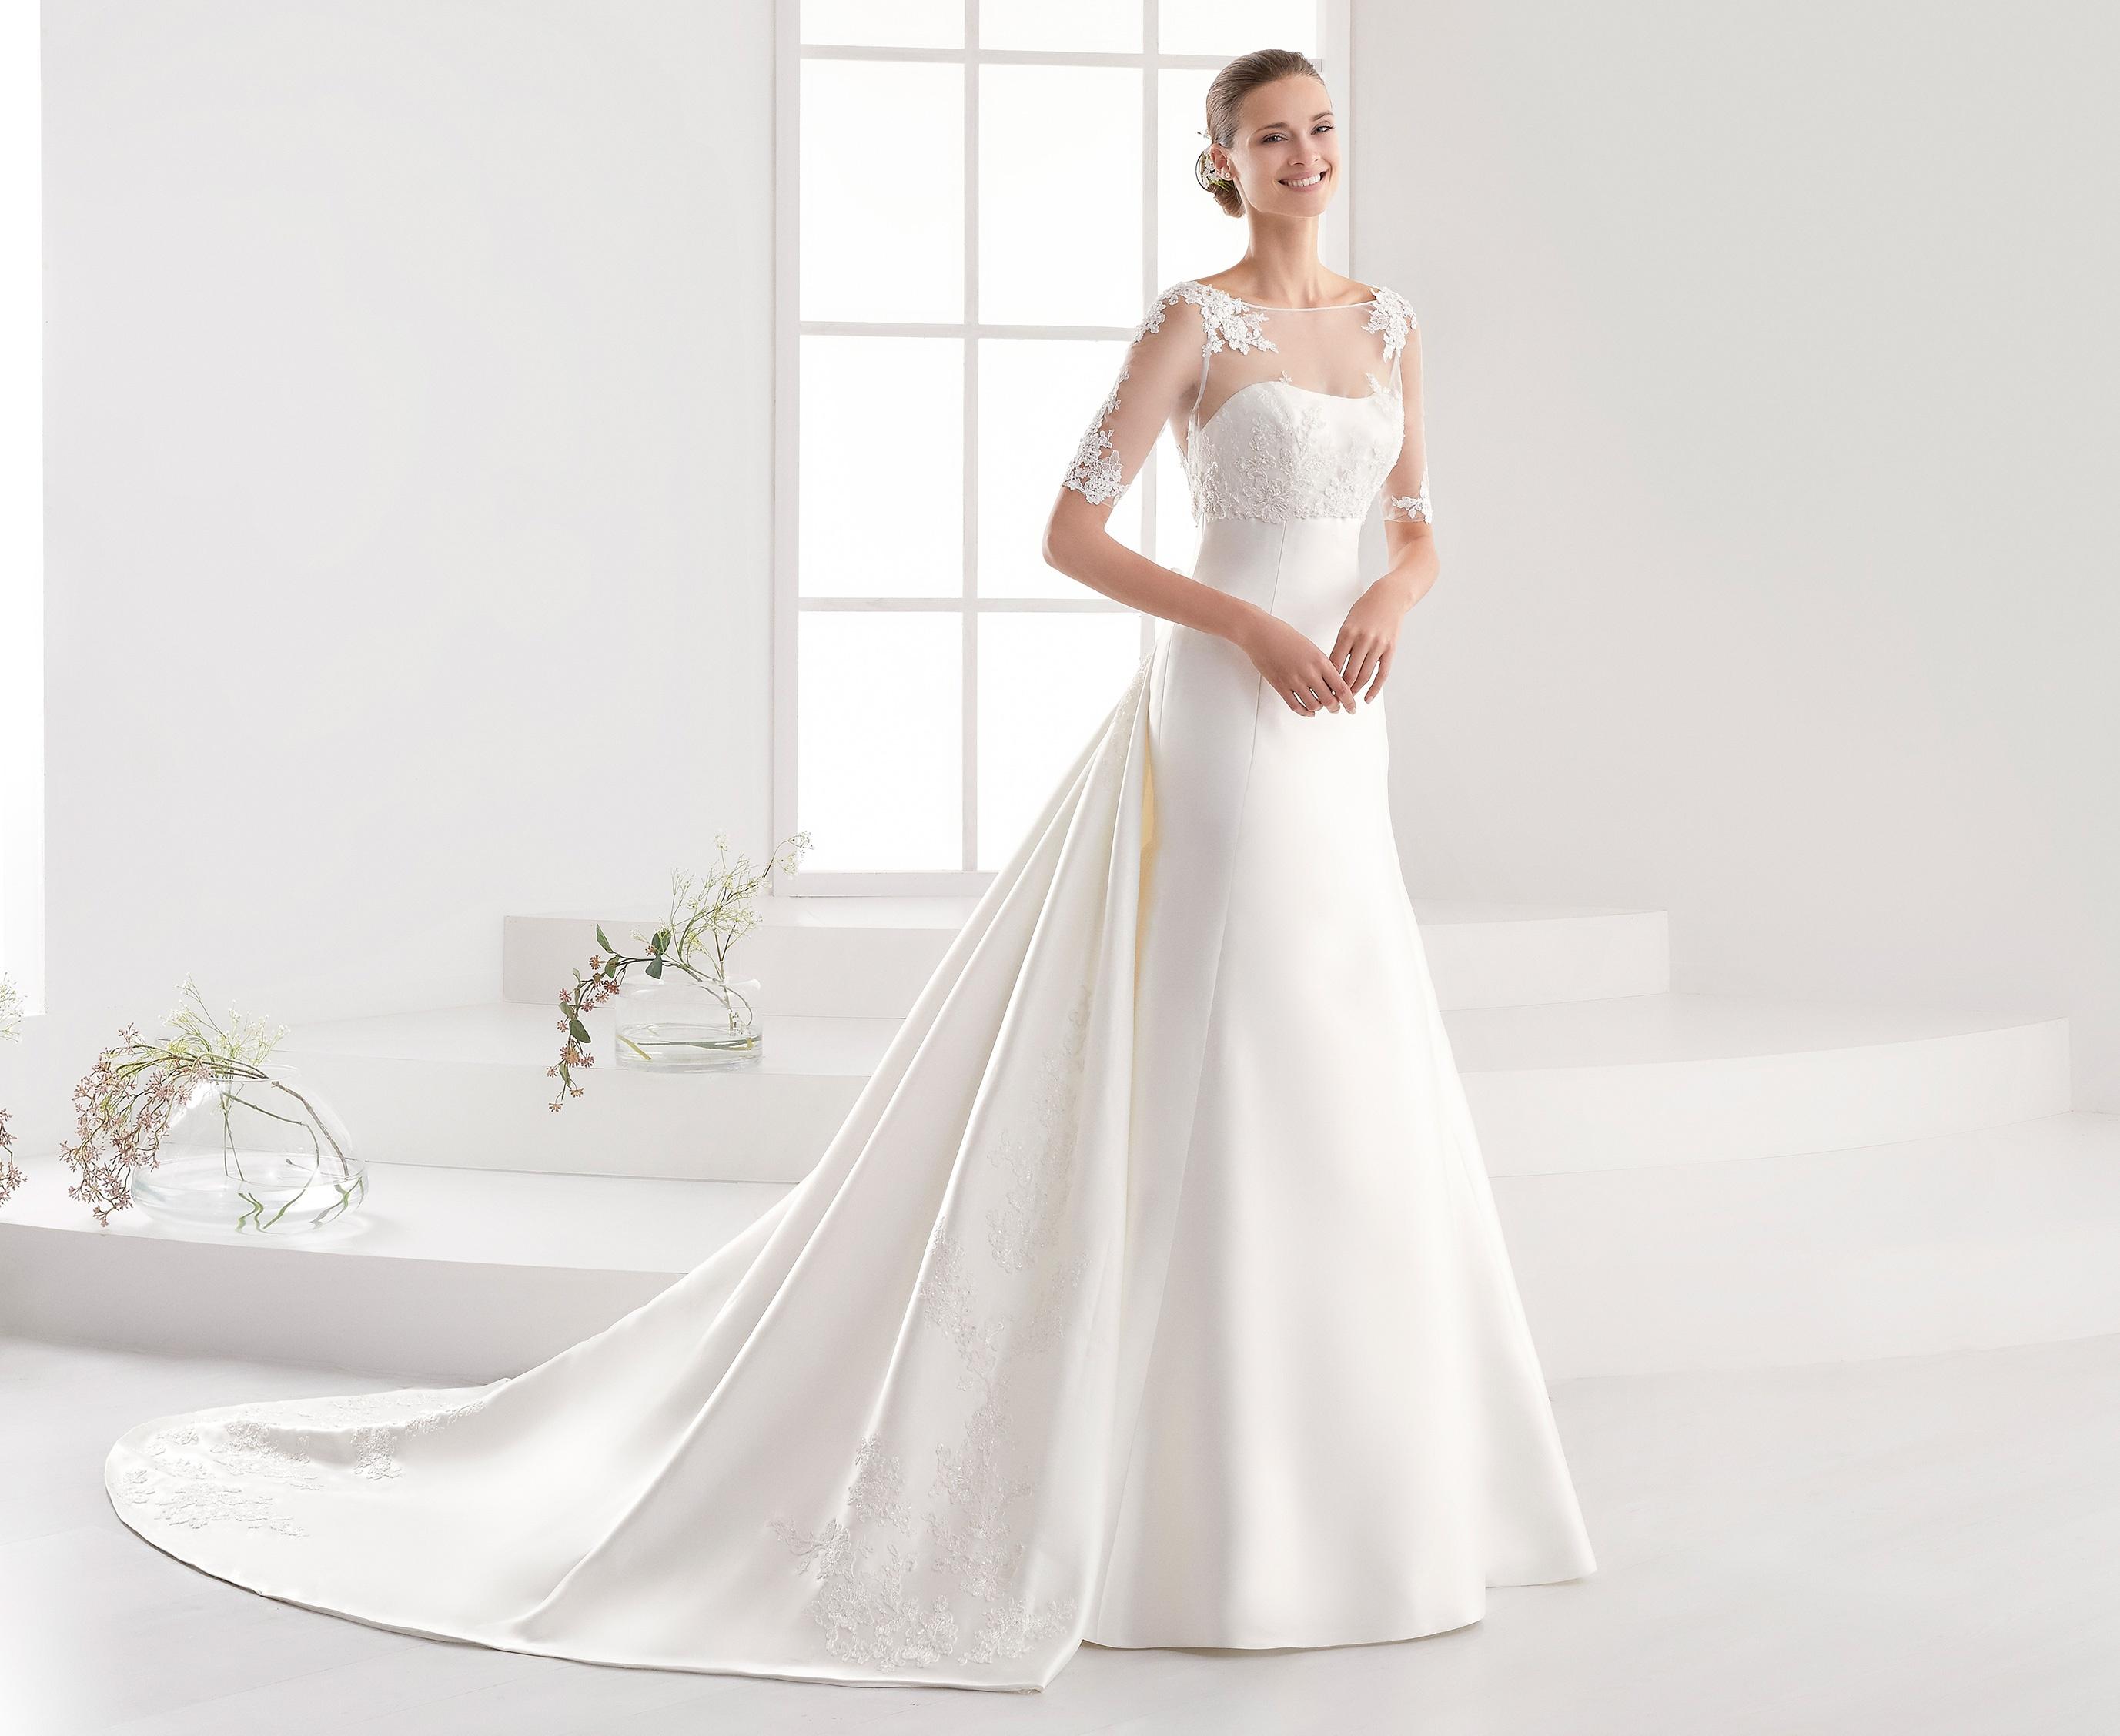 a32e704e74d1 Nicole Spose collezione Aurora 2018 abiti sposa23 ...